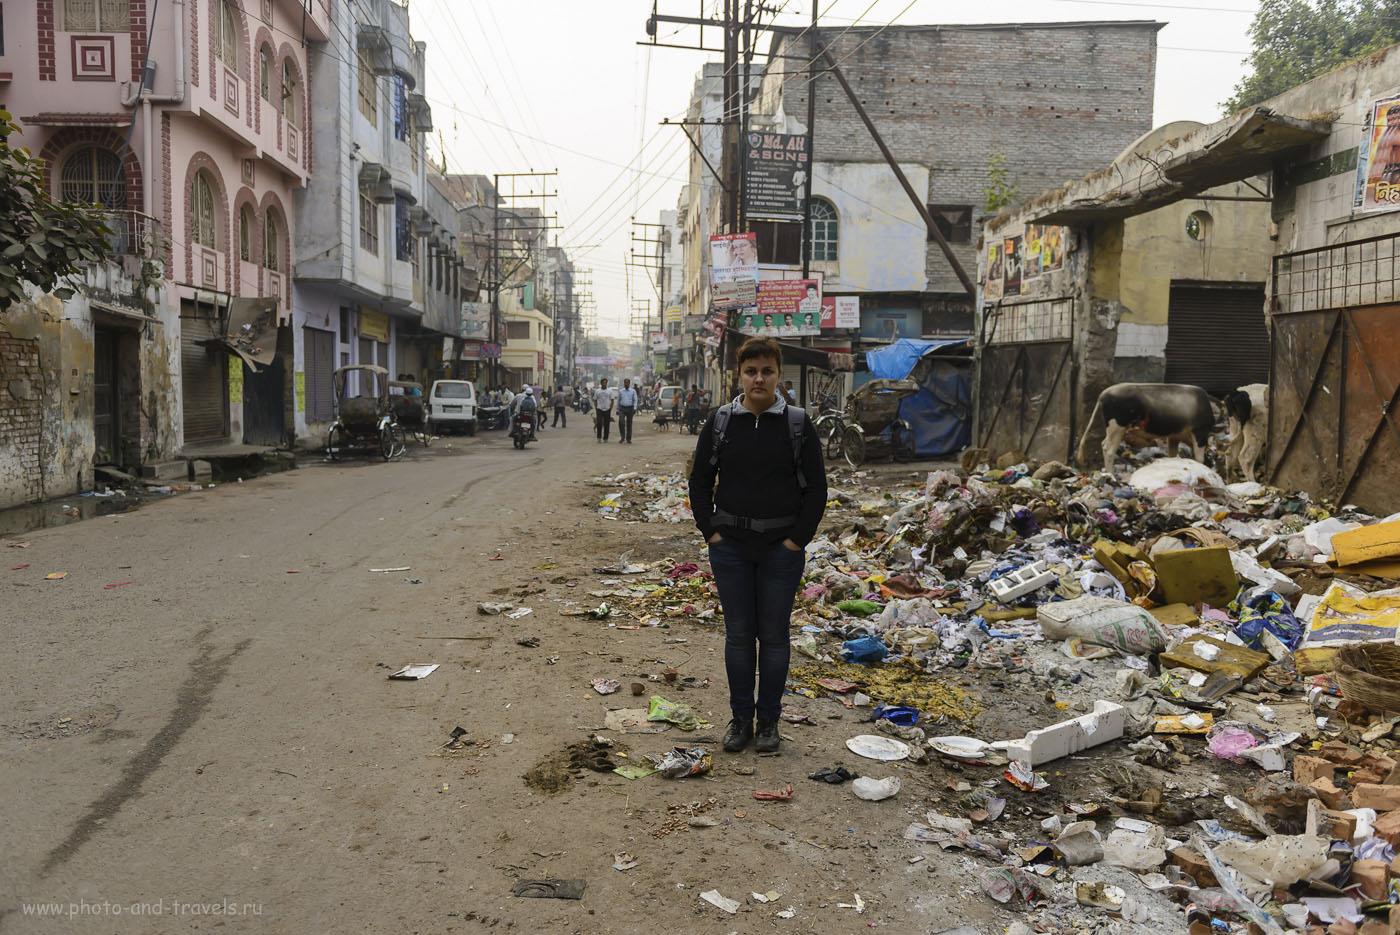 Фотография 9. Правда, что в Индии очень грязно? Есть такое… (улица в Варанаси). Камера Никон Д610, объектив Никон 24-70/2.8; настройки: 1/800, -0.33, 2.8, 250, 24.